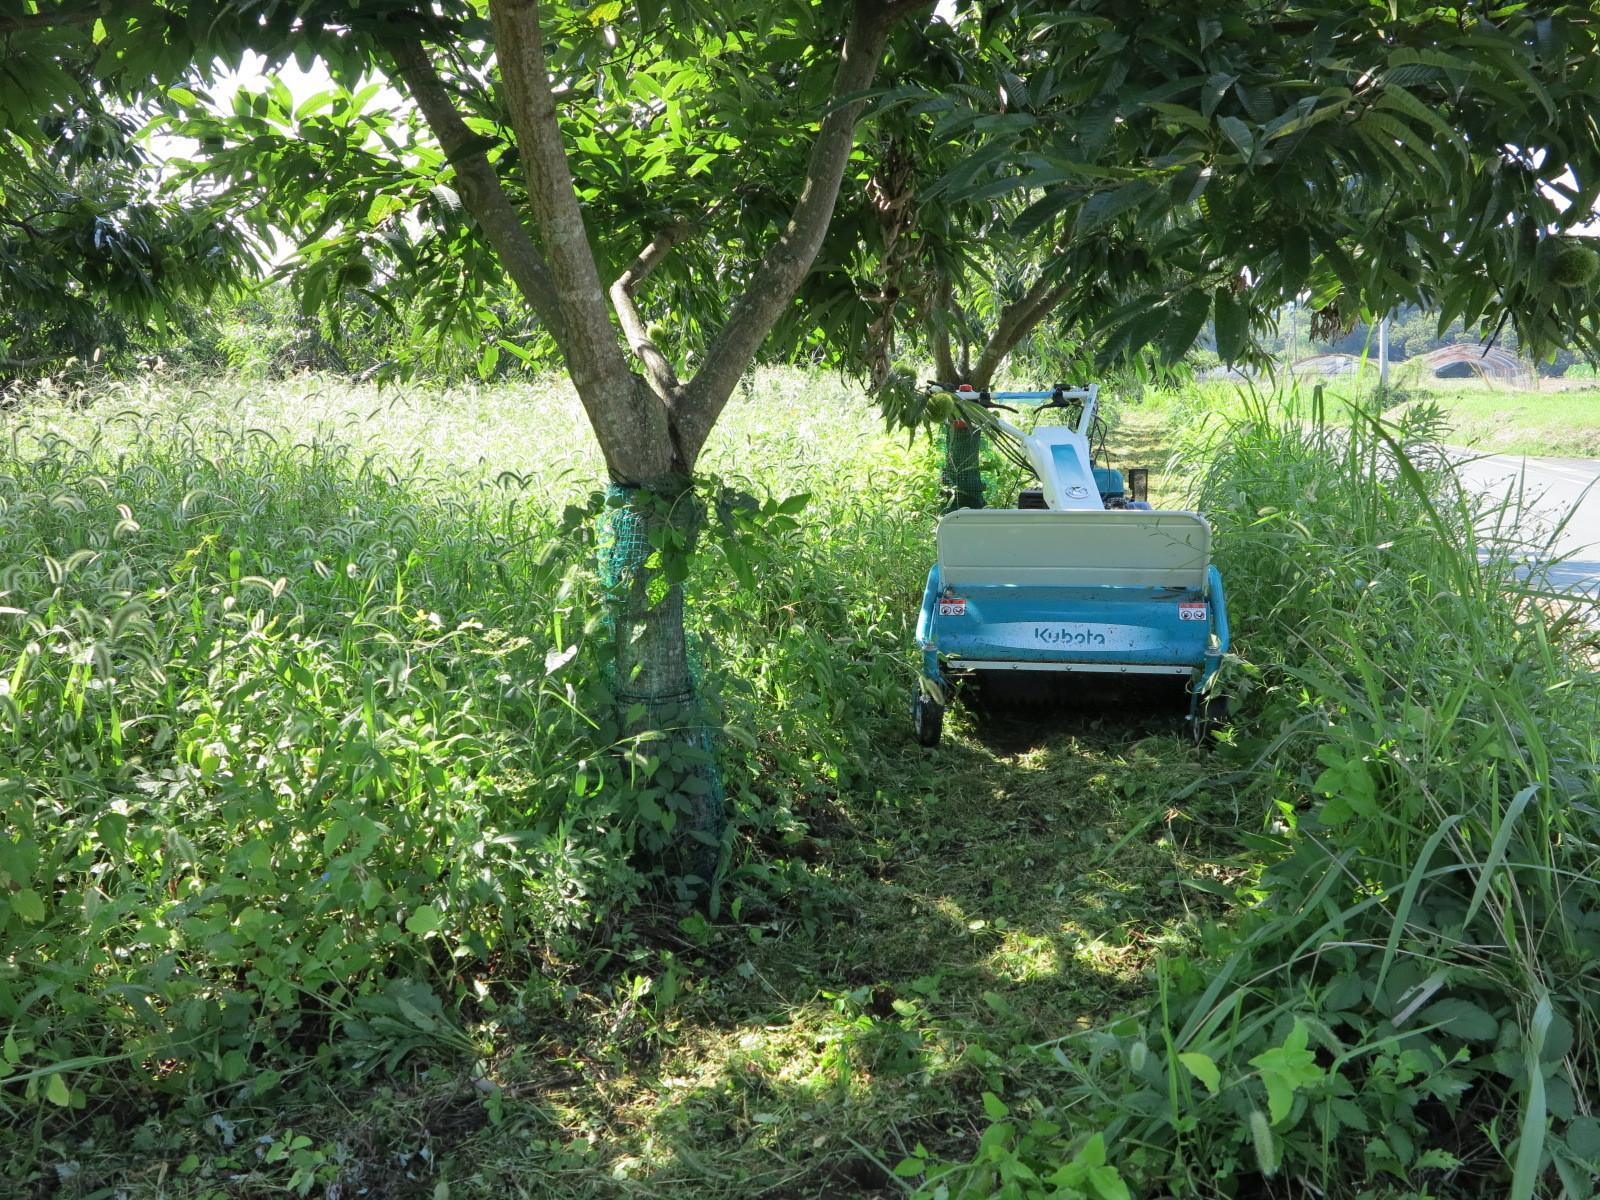 201708上の畑草刈り機